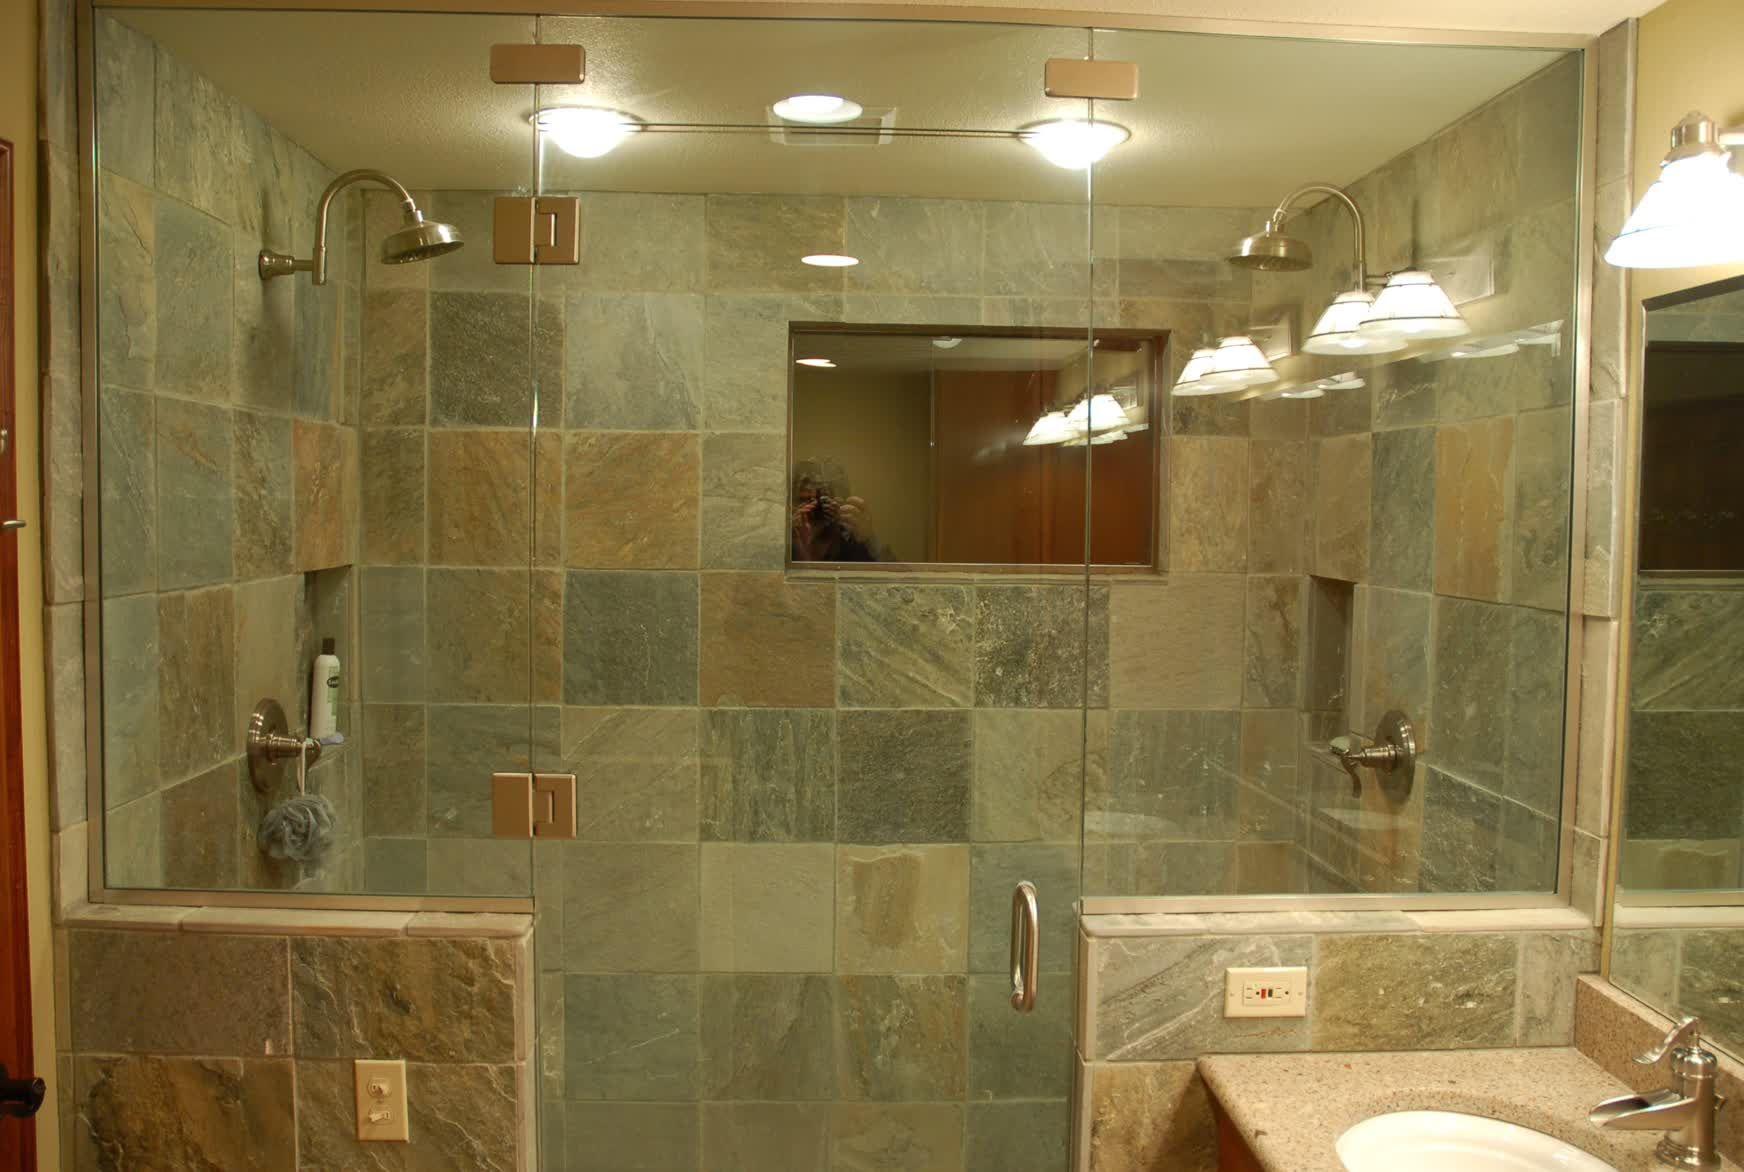 Idee Per Il Bagno Piastrelle : Idee per piastrelle bagno. piastrelle per il bagno idee e collezioni